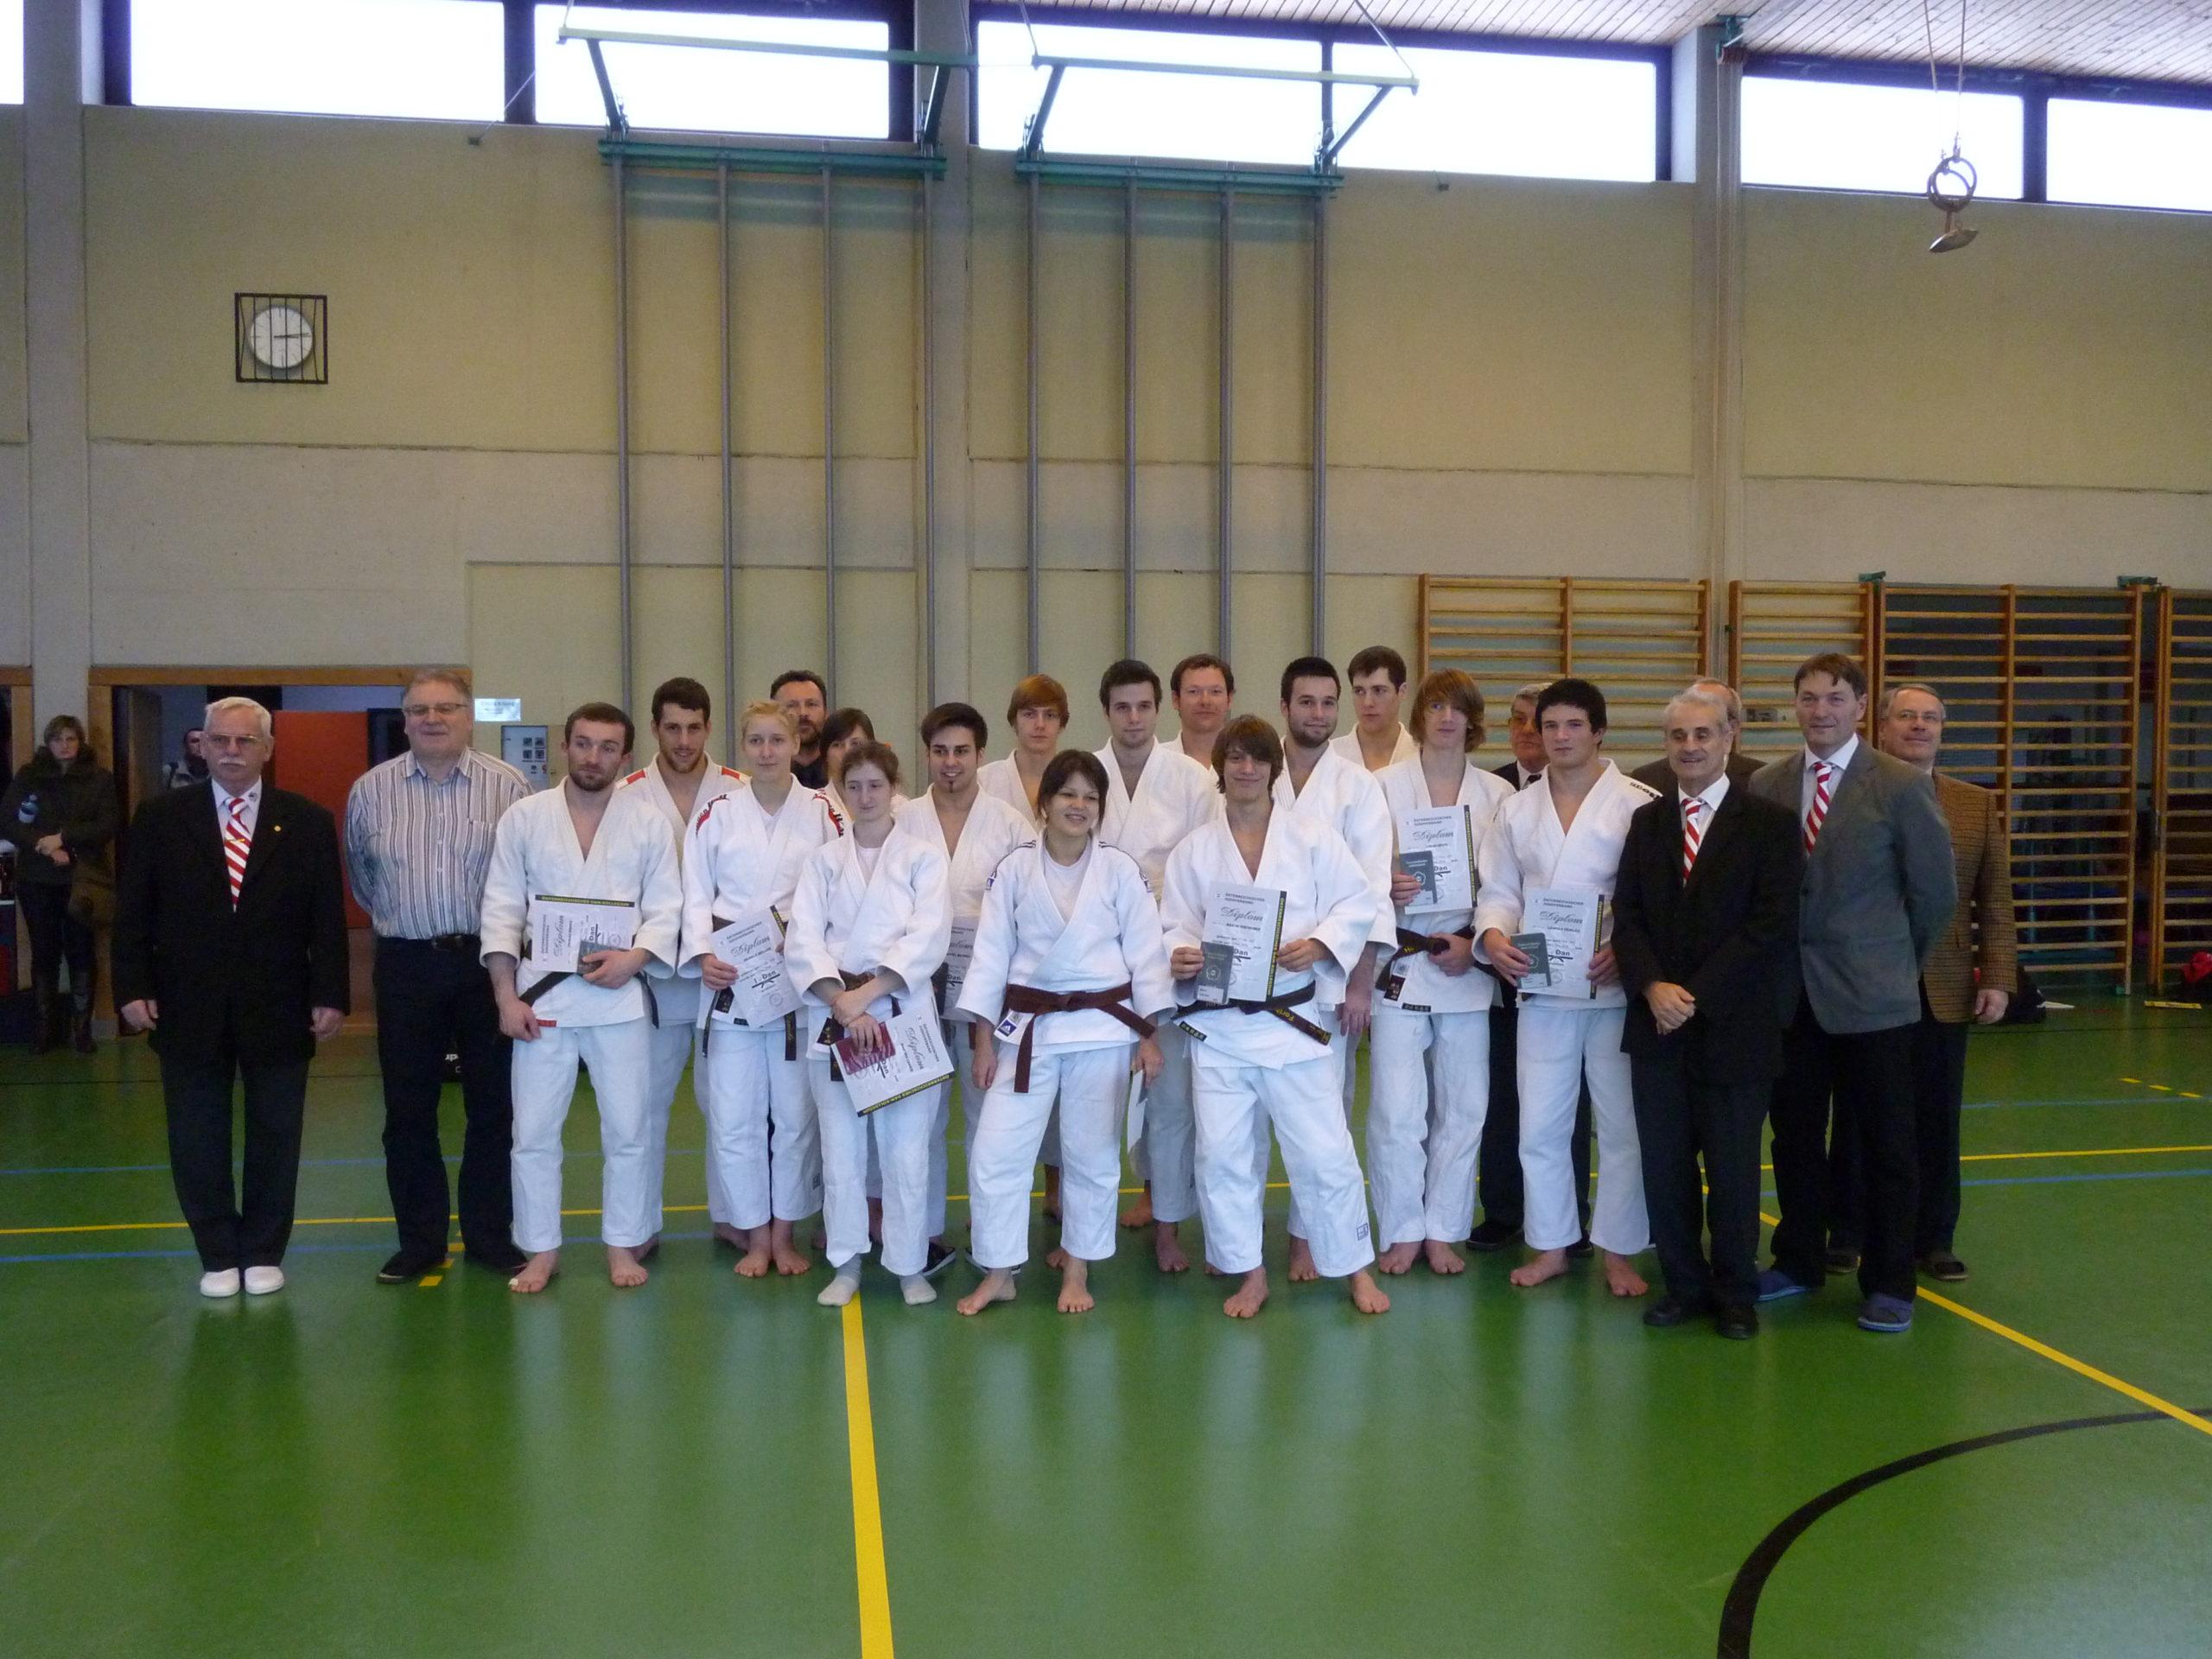 gruppenfoto_dan_prfung_2010